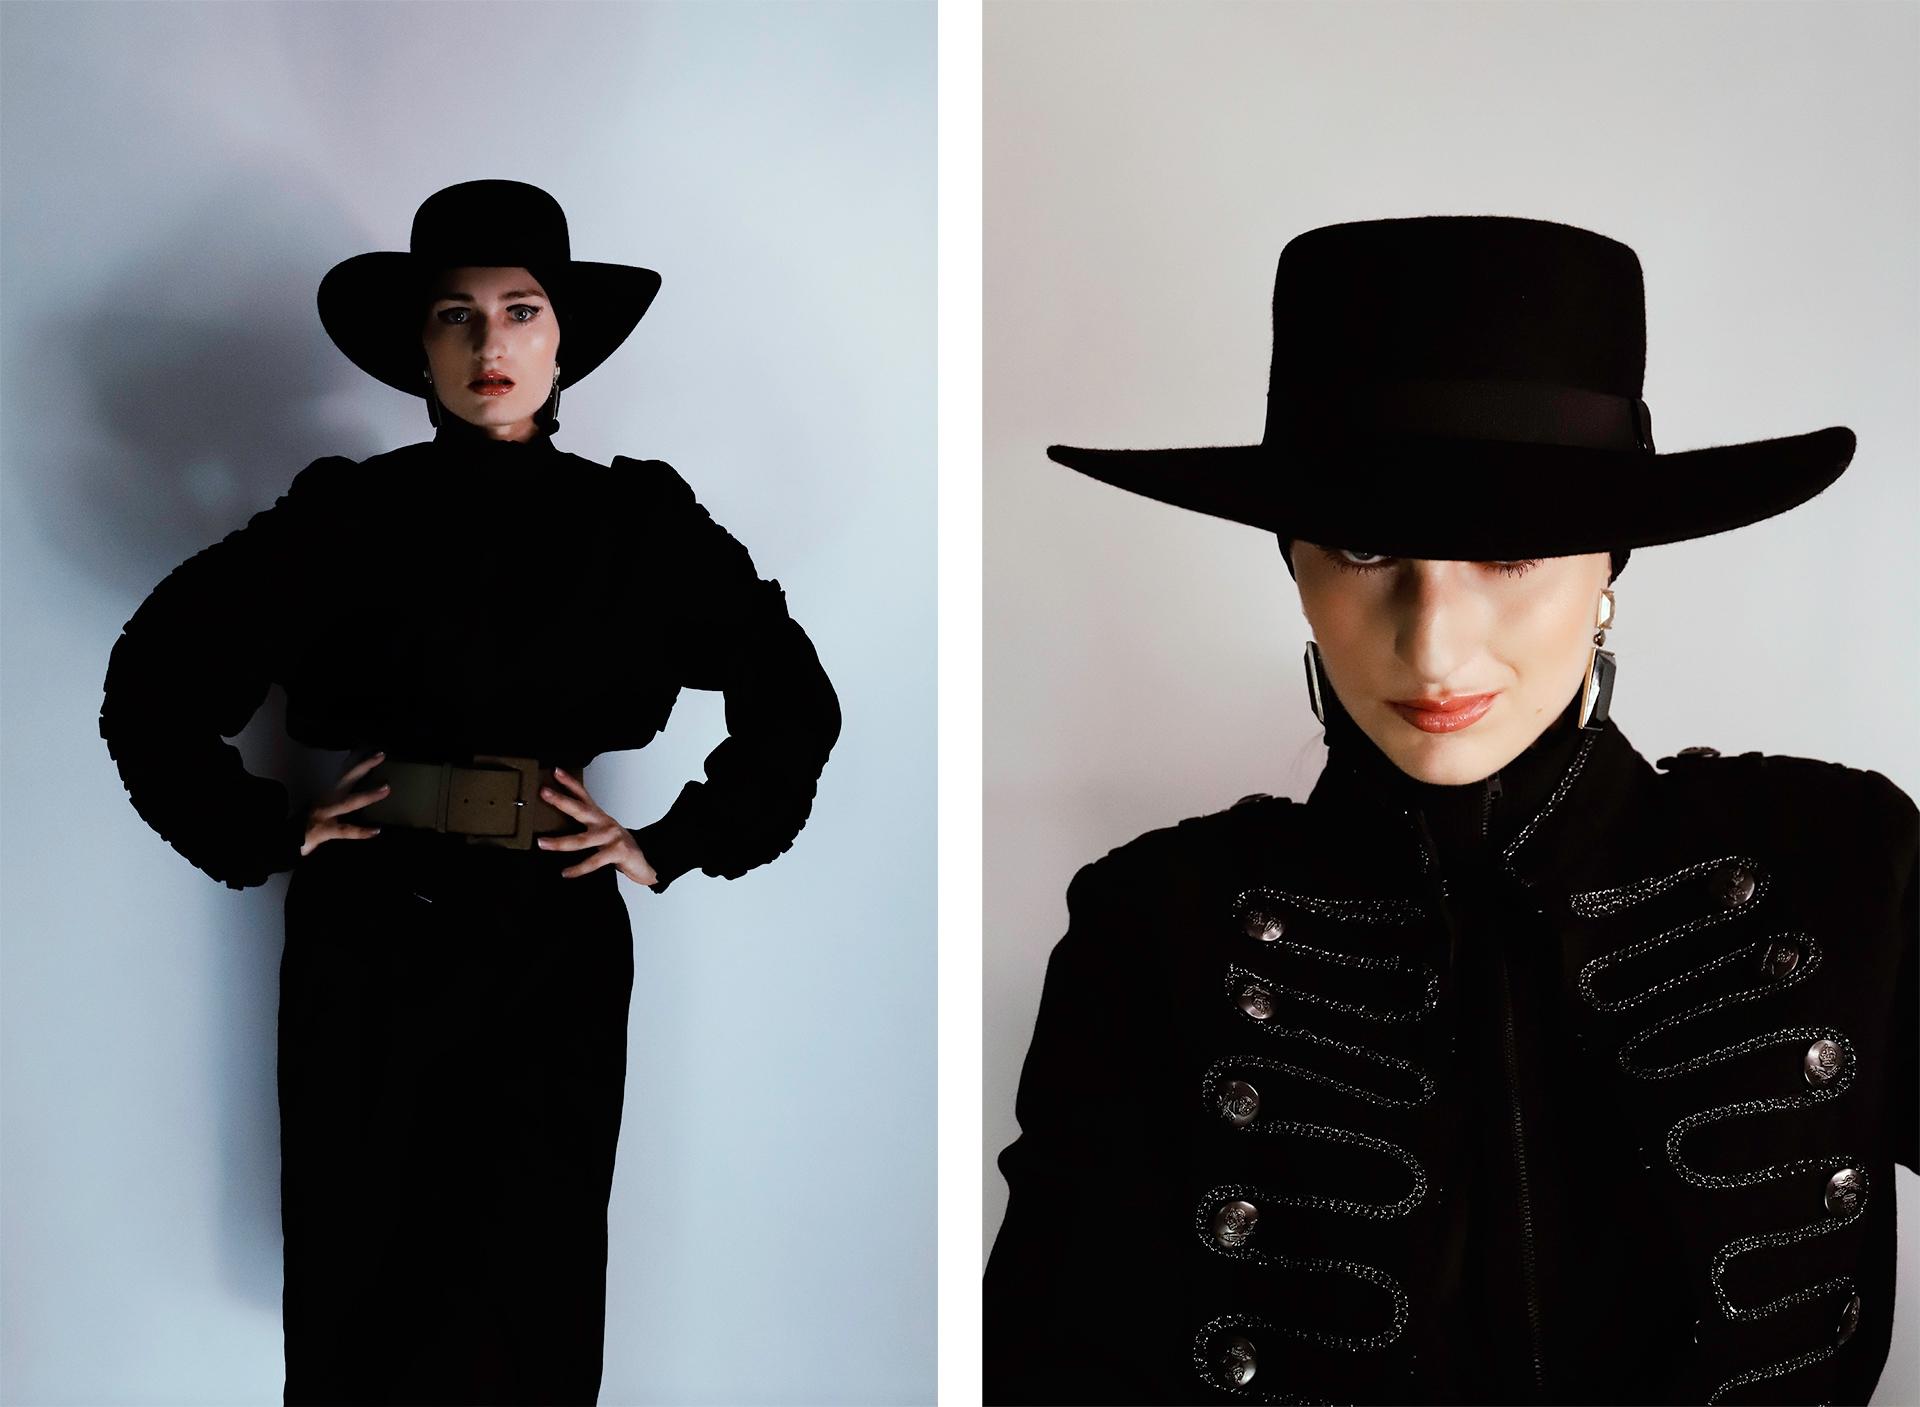 Obraz przedstawia dwa zdjęcia kobiety ubranej na czarno, w czarnym kapeluszu. Zdjęcie po stronie prawej jest kadrem portretowym.